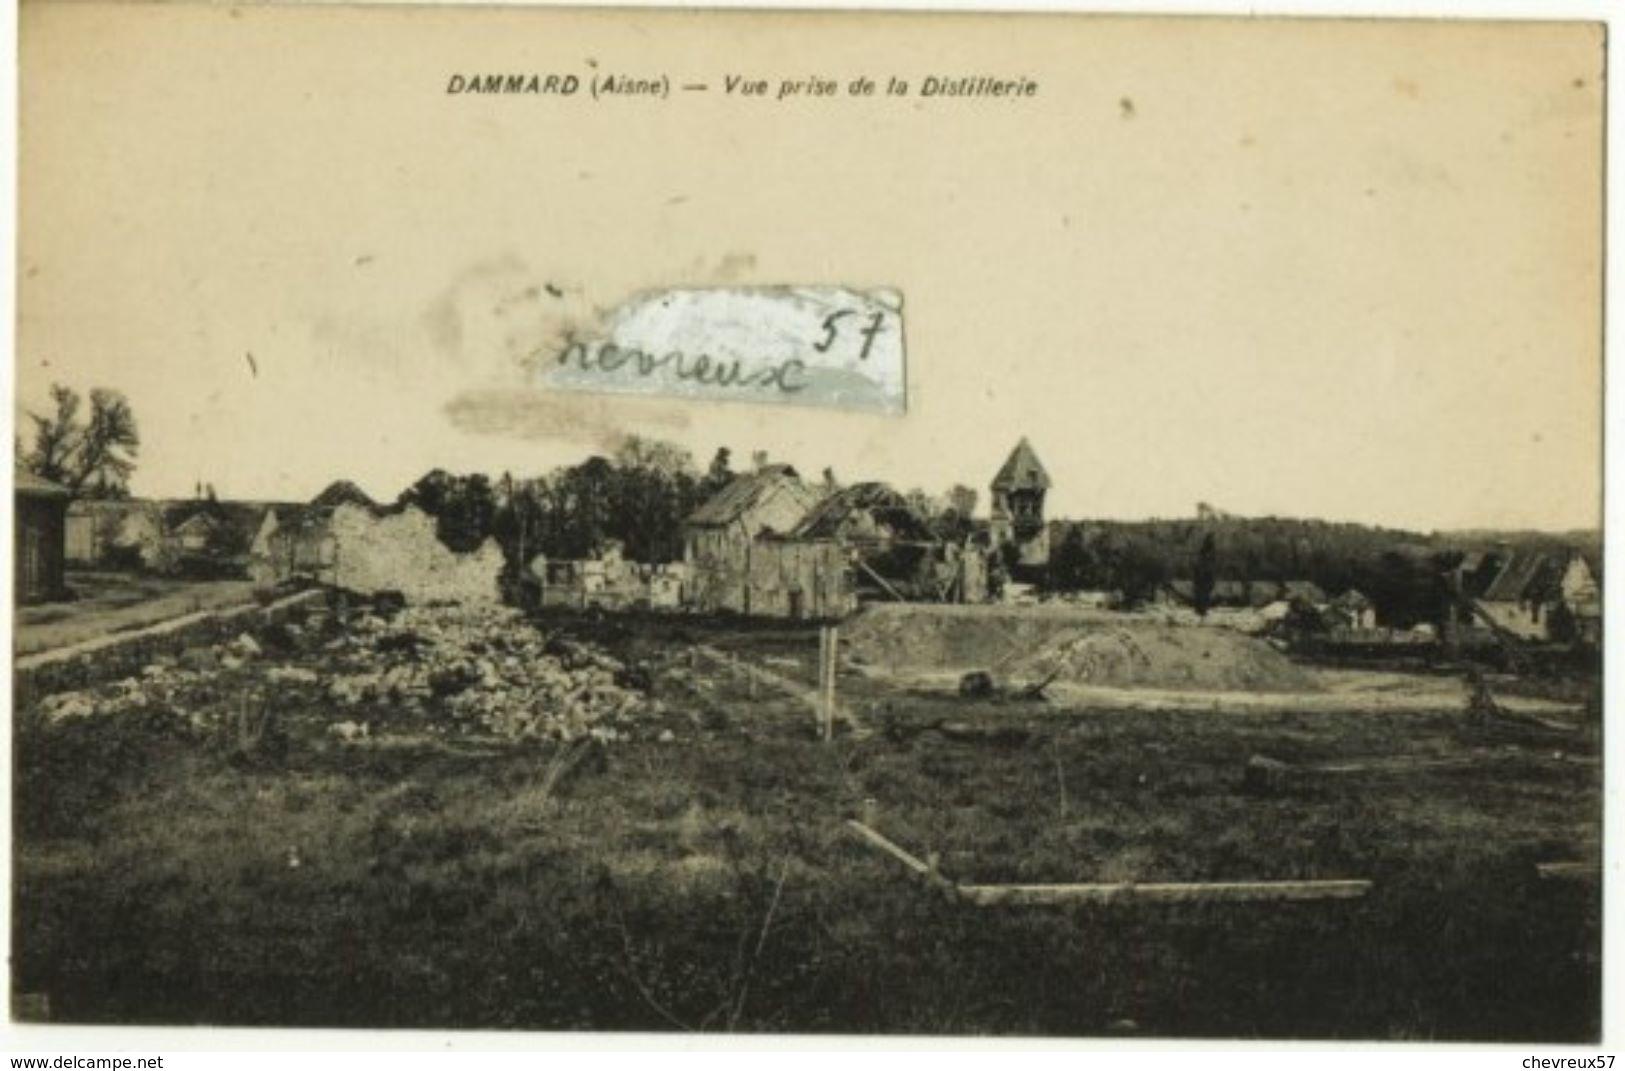 20 Cartes Anciennes De France - LOT 32 - Villes Et Villages De France - Cartes Postales